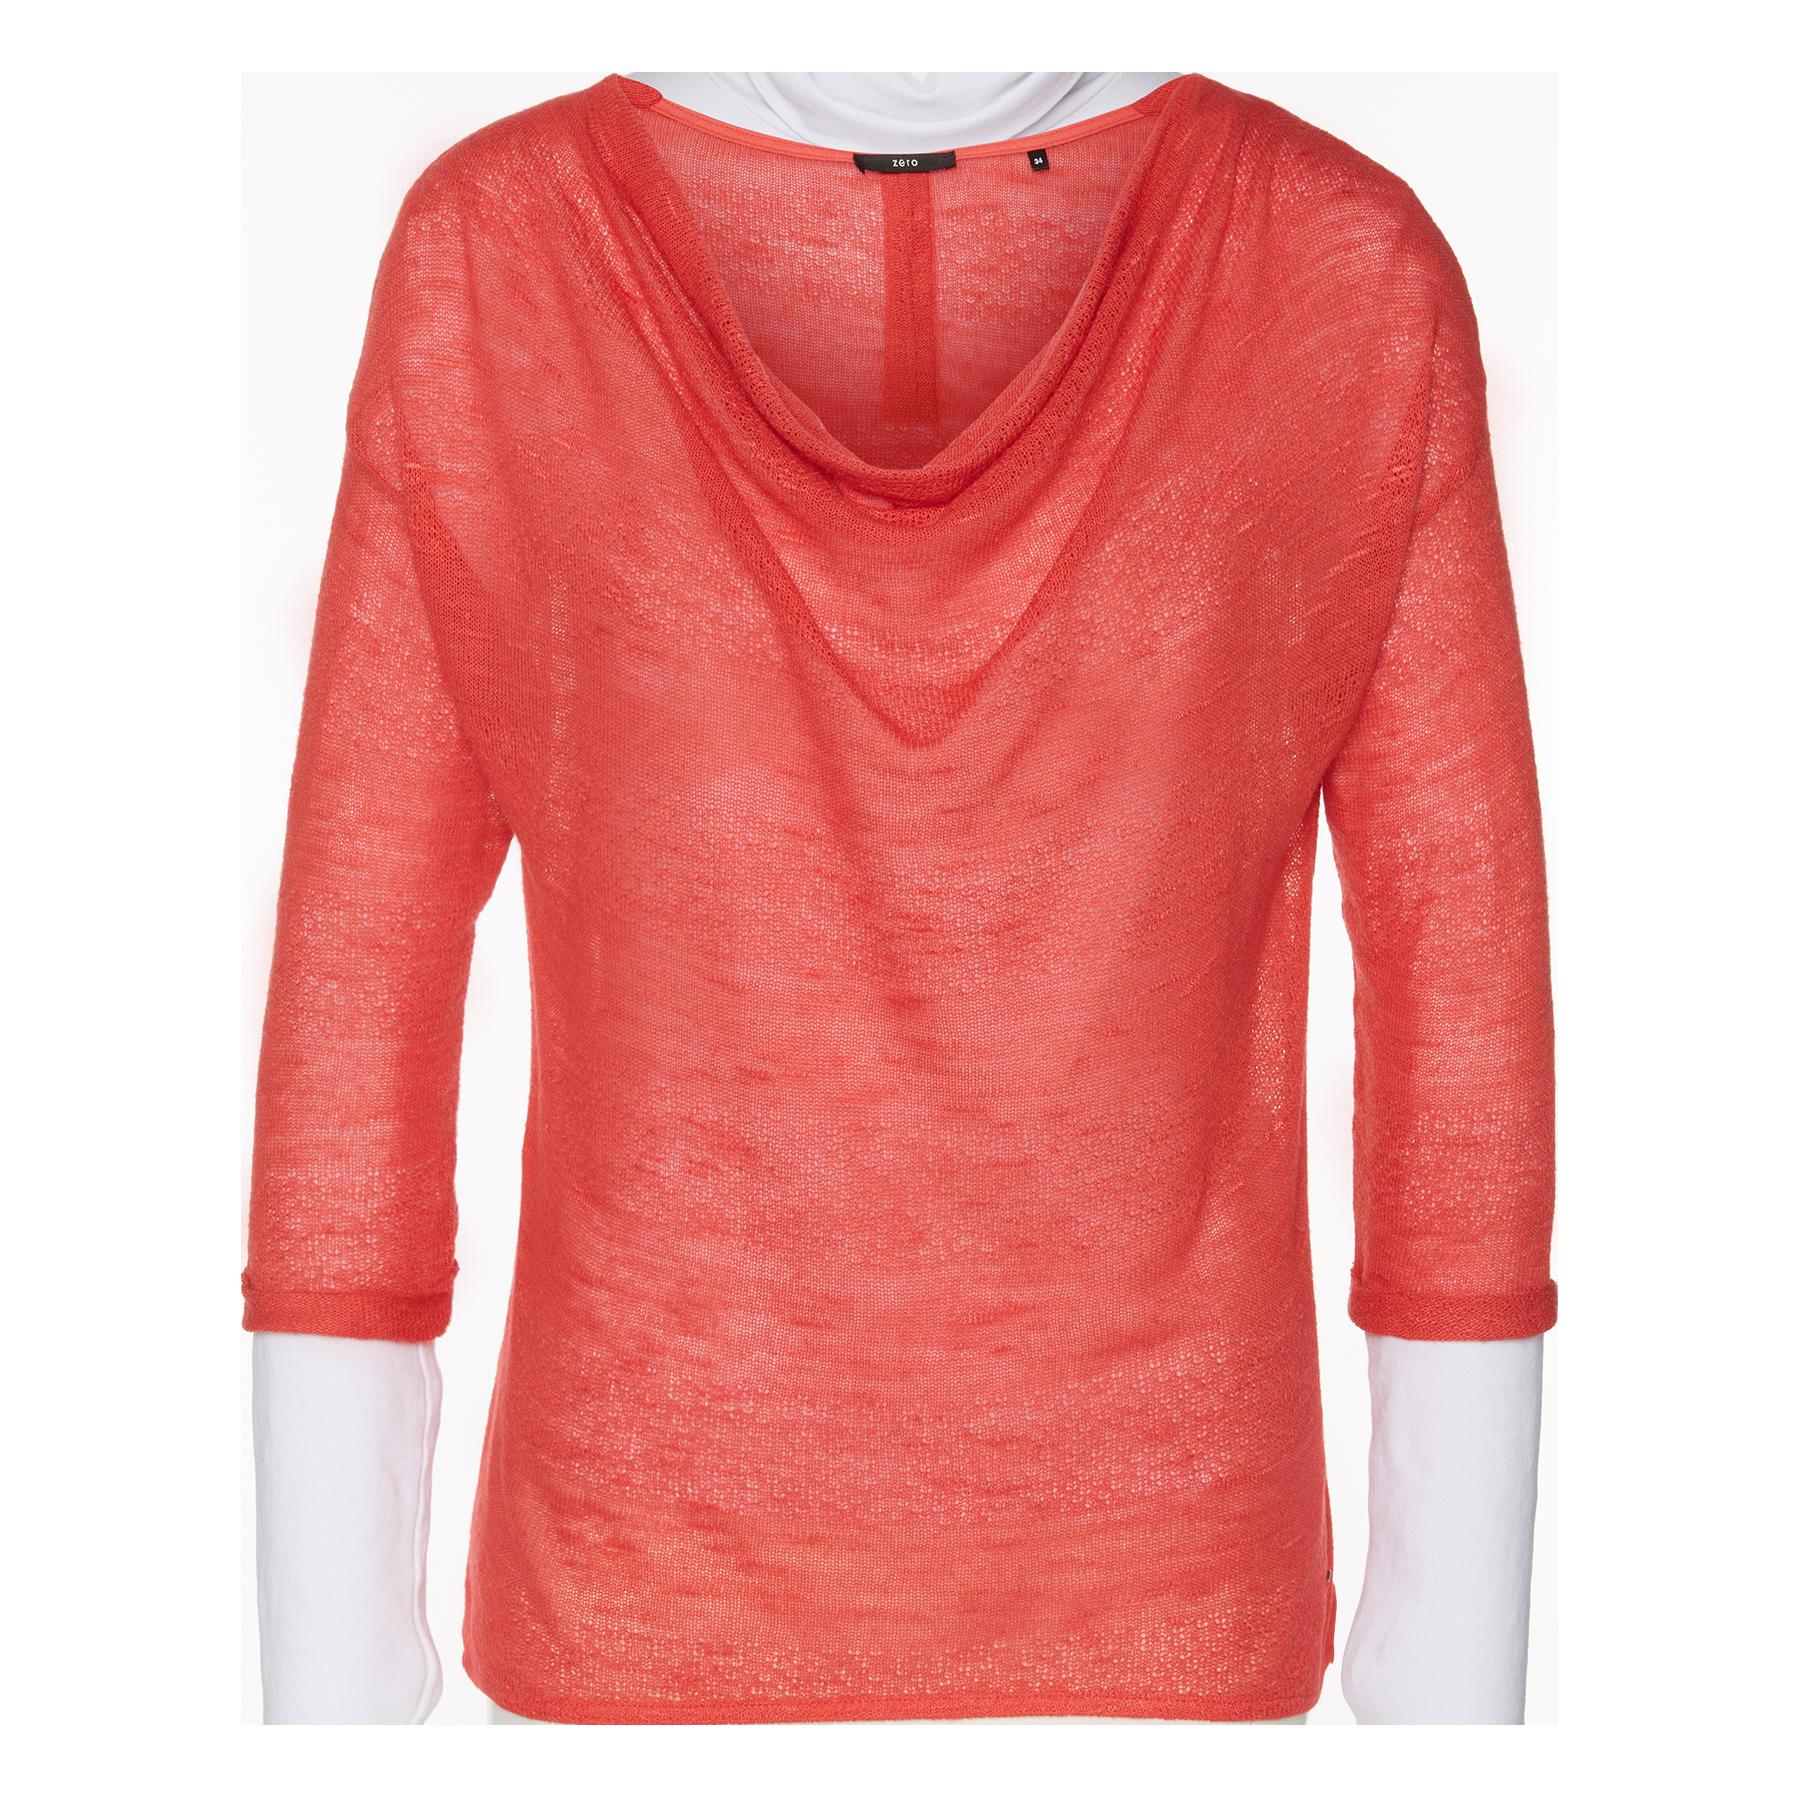 Pullover mit Wasserfall-Kragen peach coral